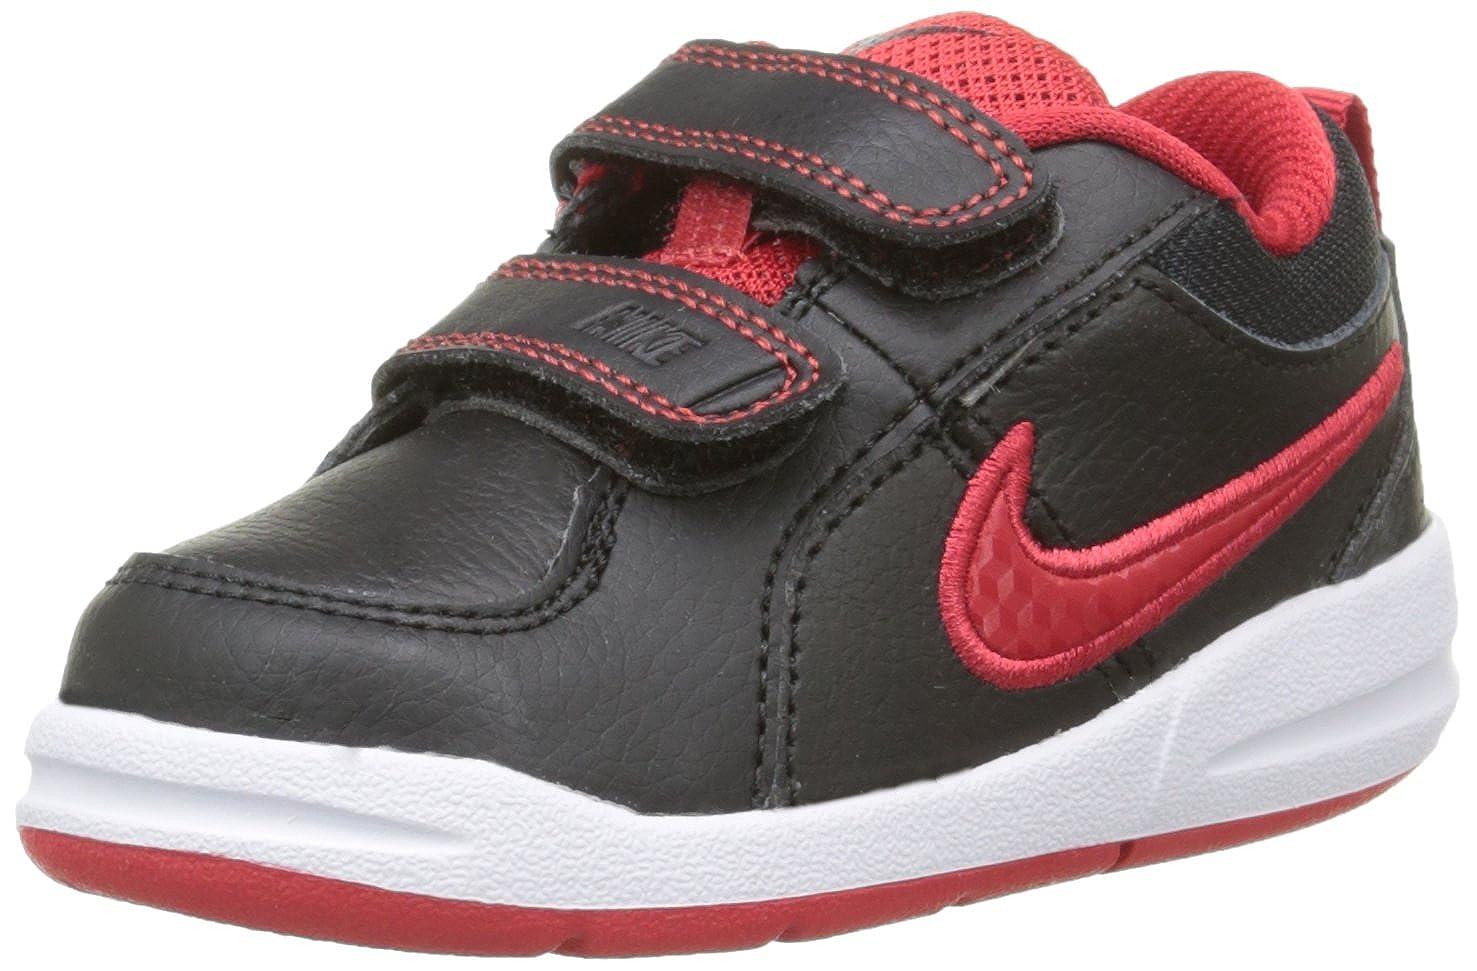 new arrival 03704 27441 Nike Pico 4, Chaussures Bébé Marche garçon  Amazon.fr  Chaussures et Sacs